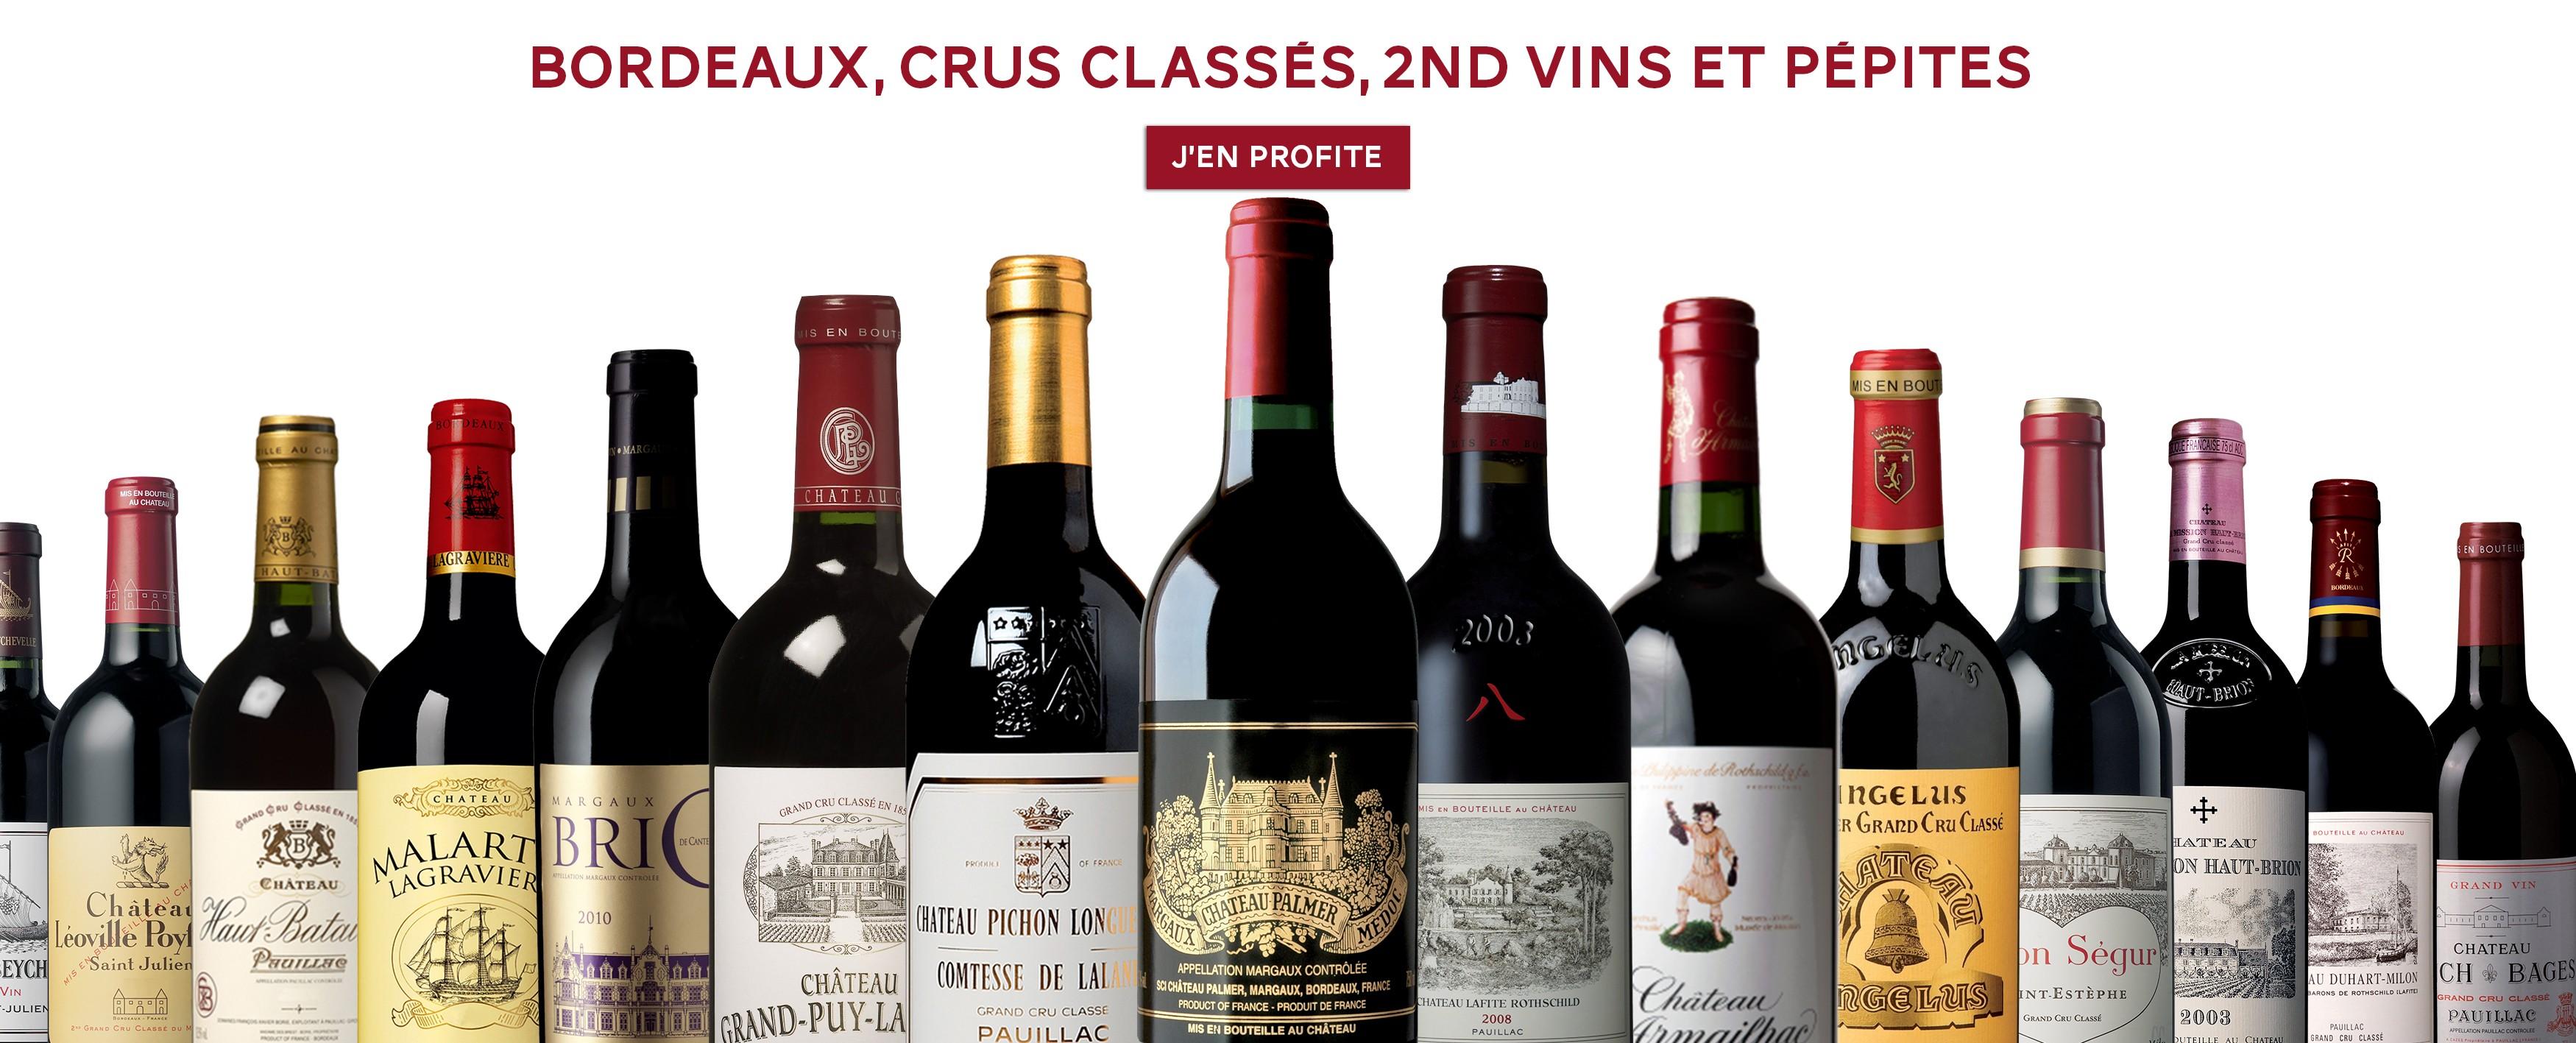 Crus Classés, 2nd Vin et Pépites